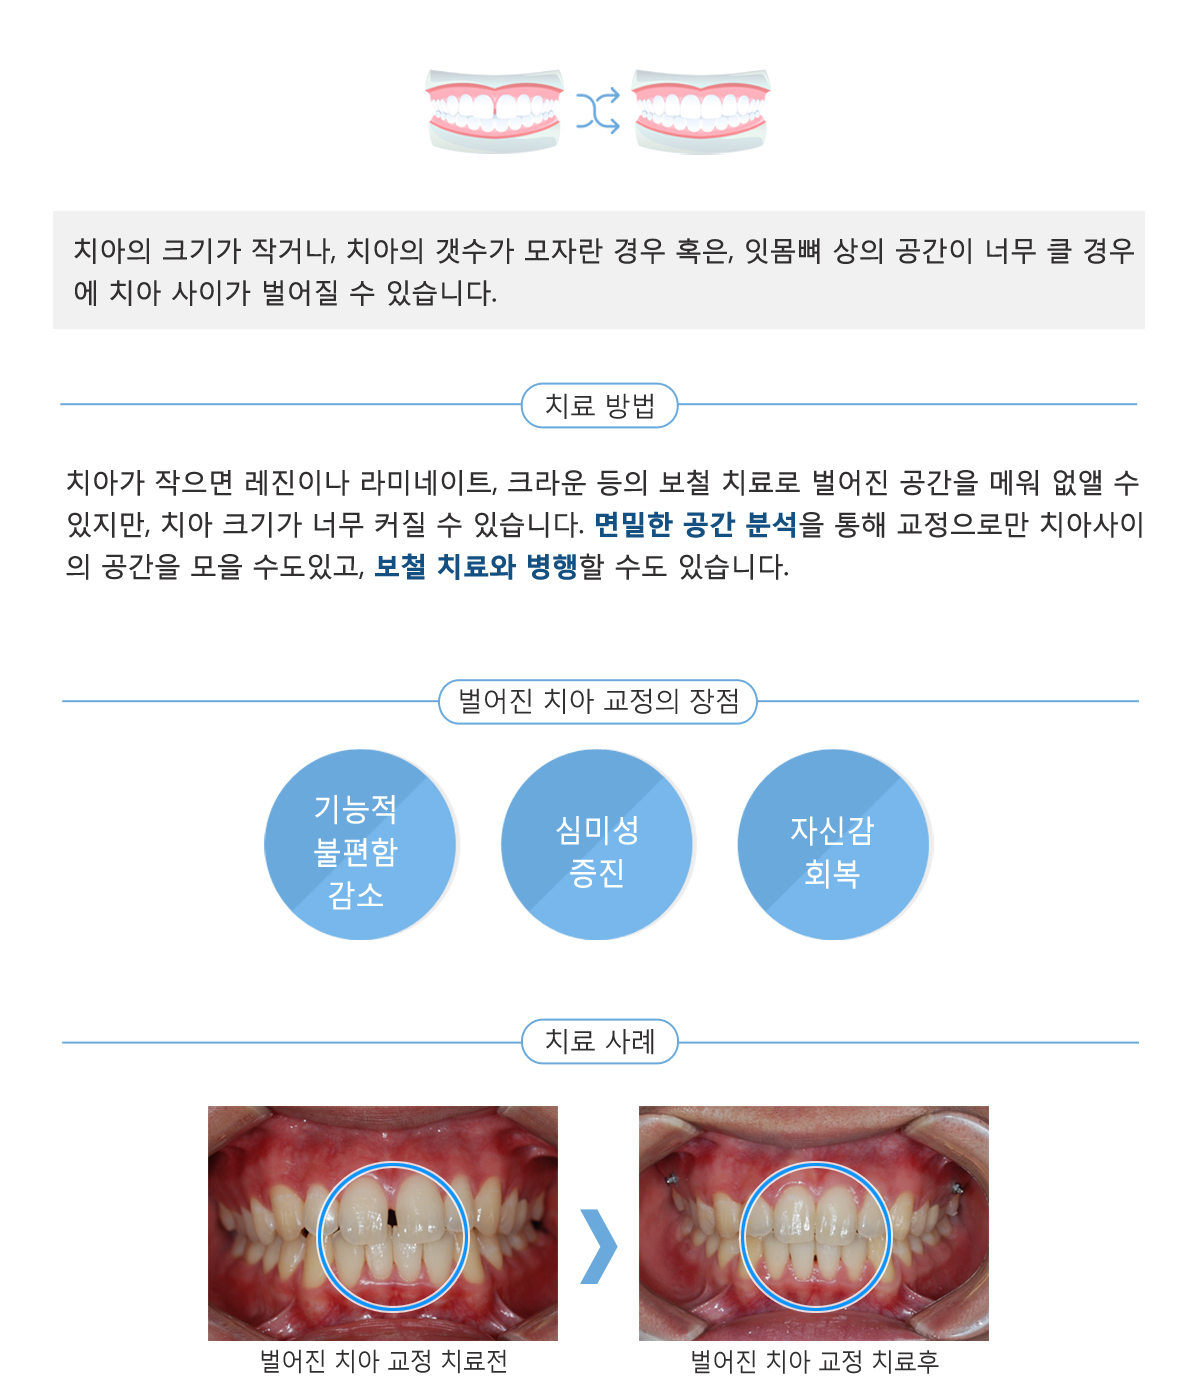 벌어진 치아 내용2.jpg